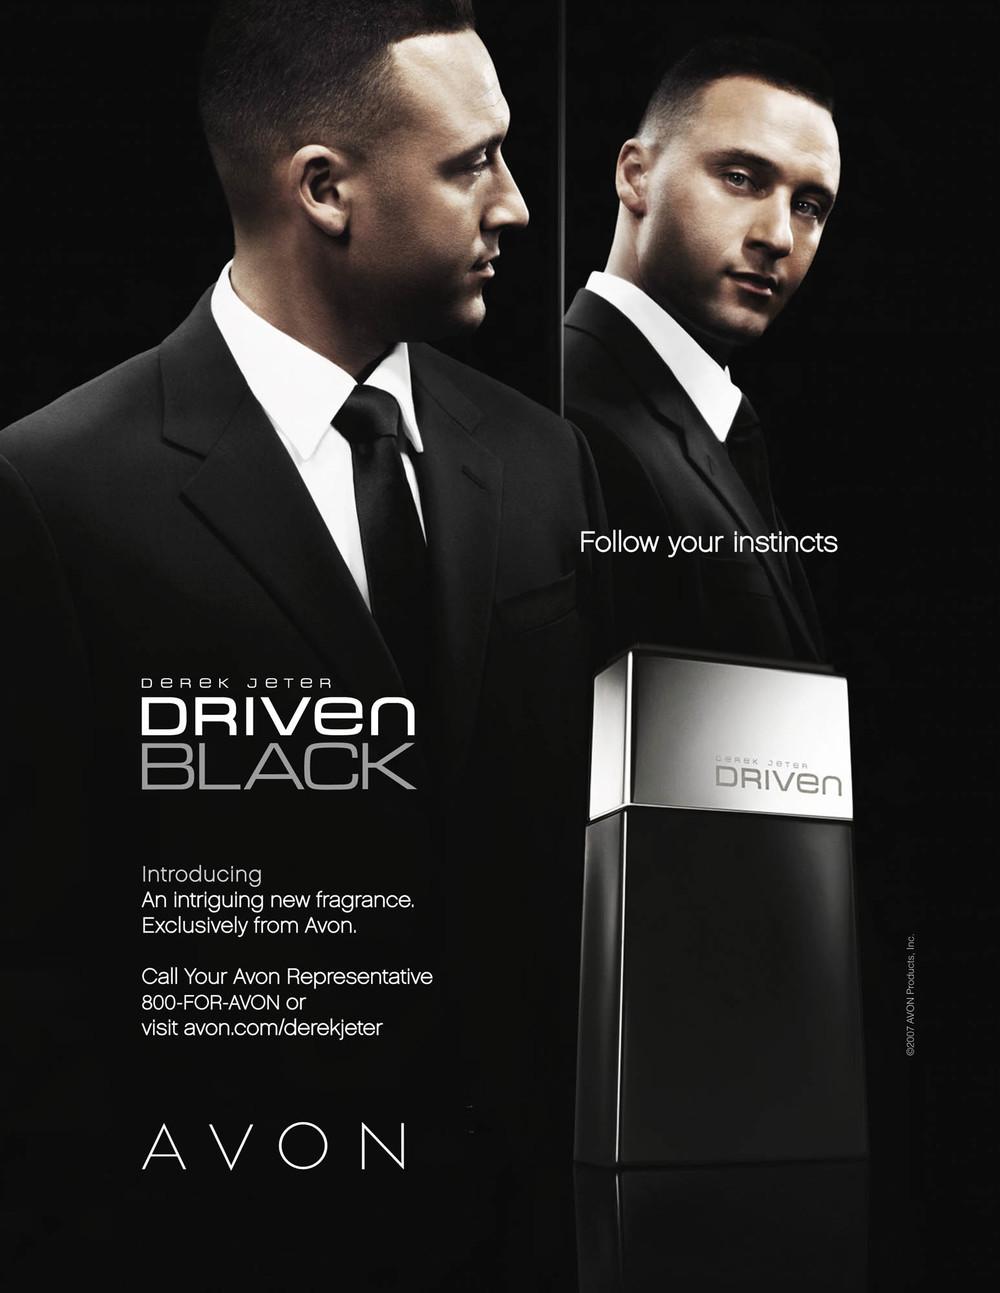 Derek Jeter for Avon Driven Black - New York City